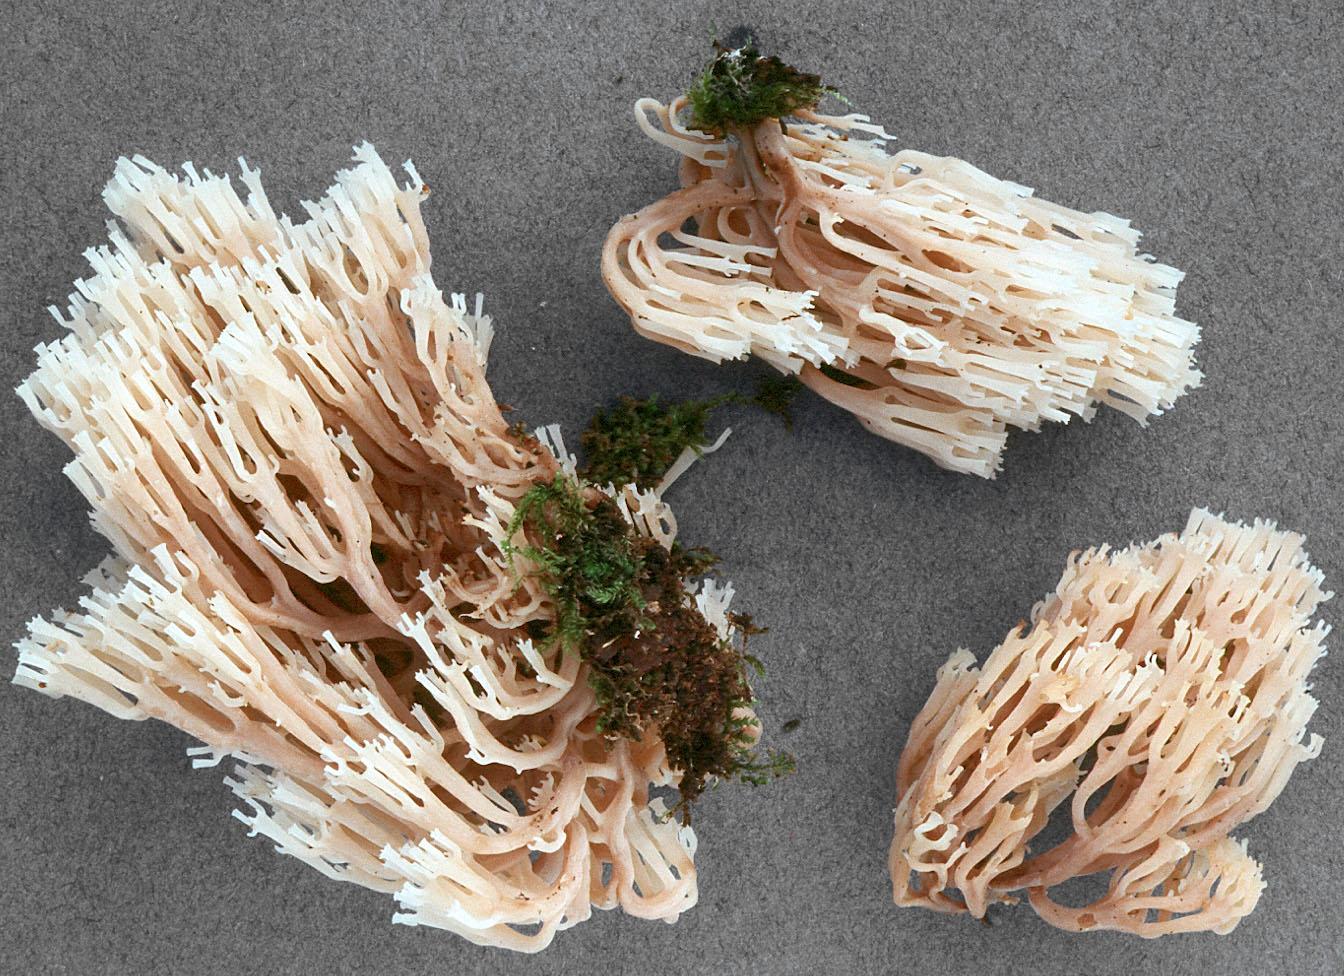 Artomyces pyxidatus